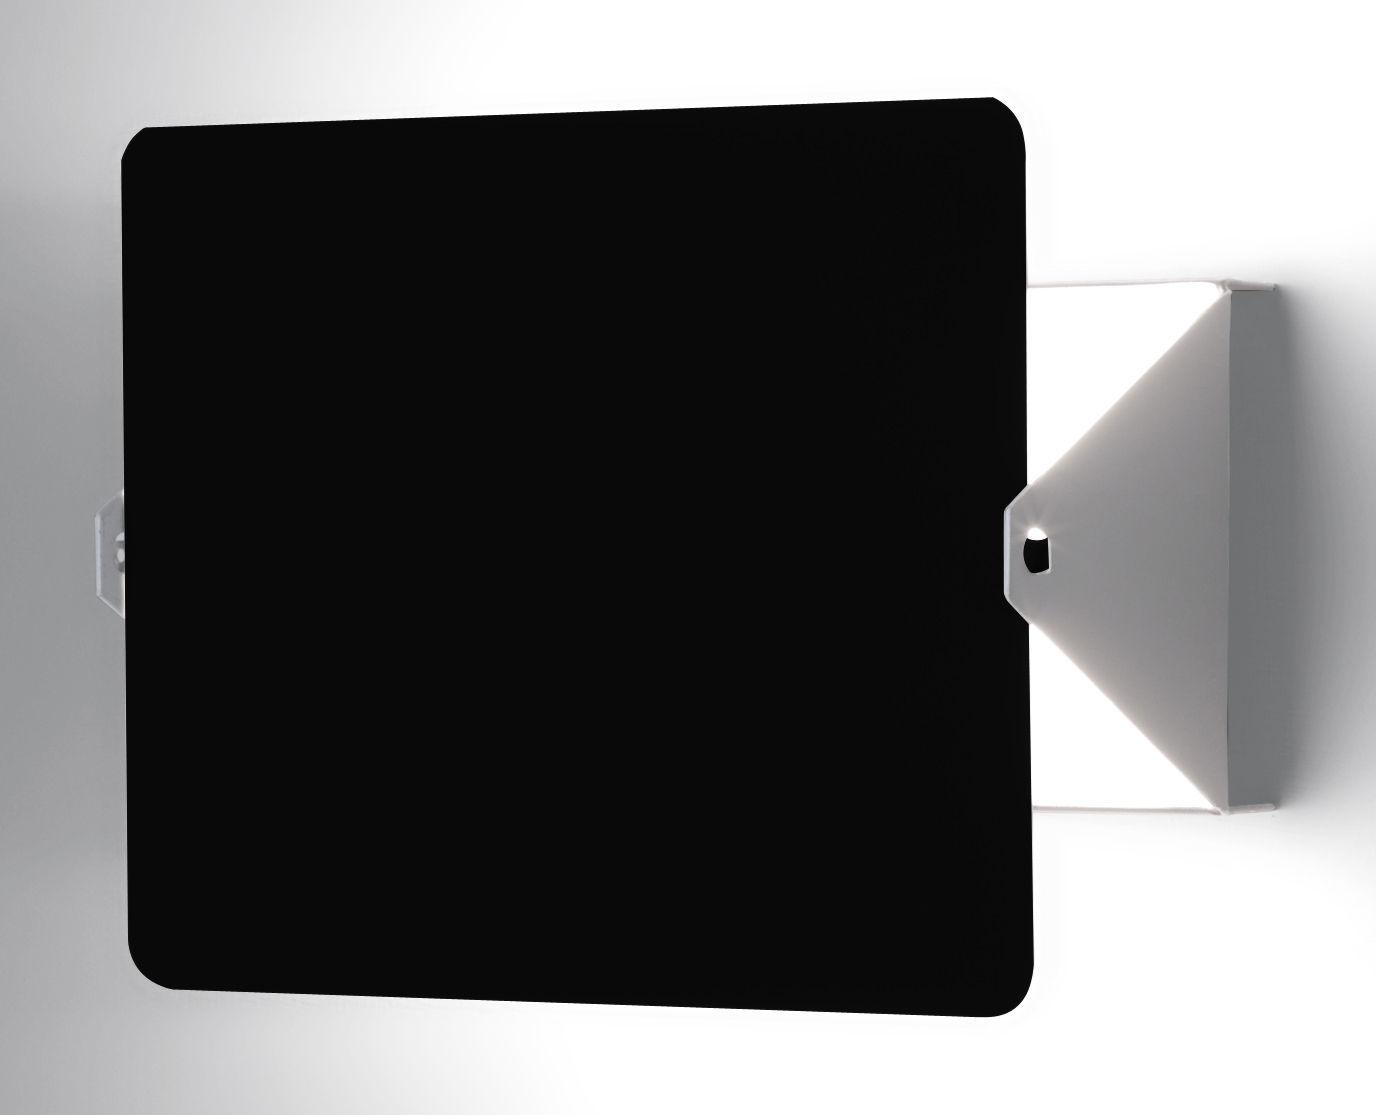 Luminaire - Appliques - Applique avec prise à volet pivotant E14 / Charlotte Perriand, 1962 - Nemo - Blanc / Plaque pivotante noire - Aluminium peint, Métal peint